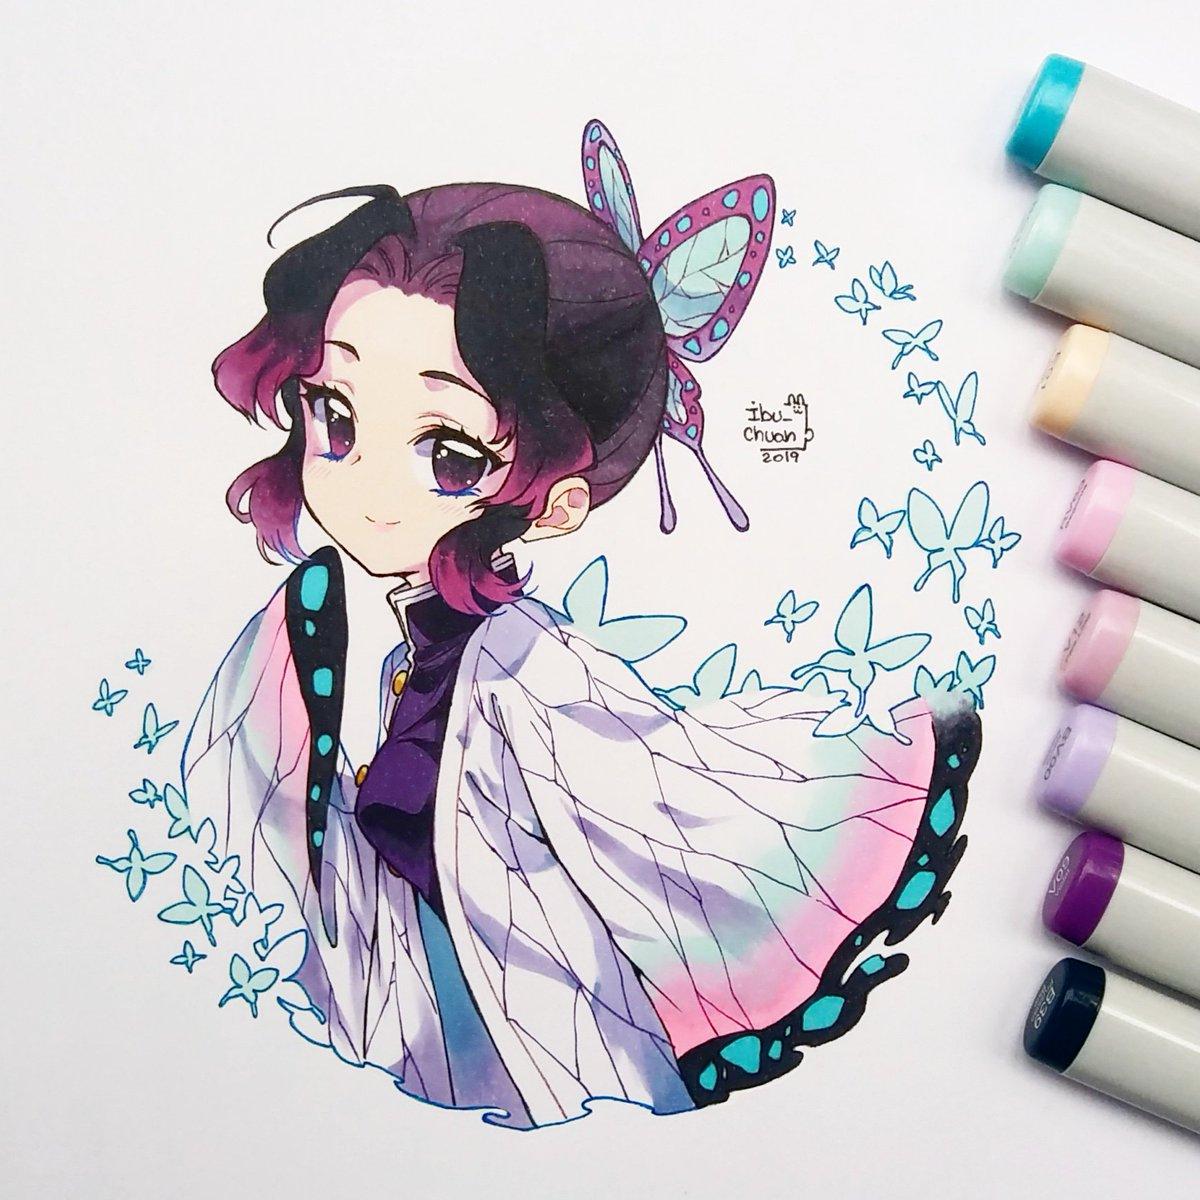 🦋 Shinobu kochou 🦋 La pequeña mariposa enojada; Amante de las mariposas y molestar al Tomioka san XD #kimetsunoyaiba